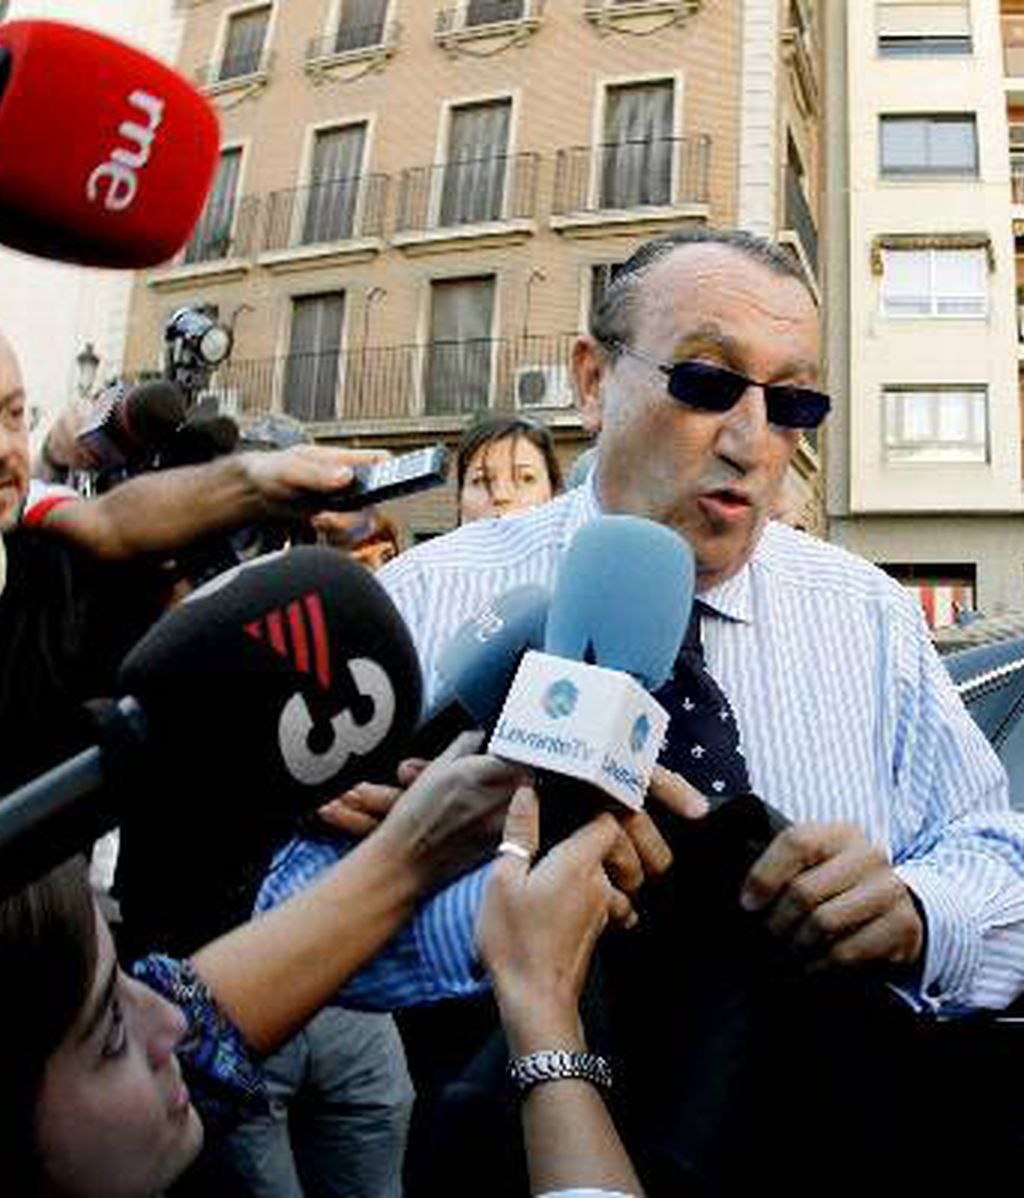 El ex presidente de la Diputación Provincial y actual presidente del PP en dicha provincia, Carlos Fabra